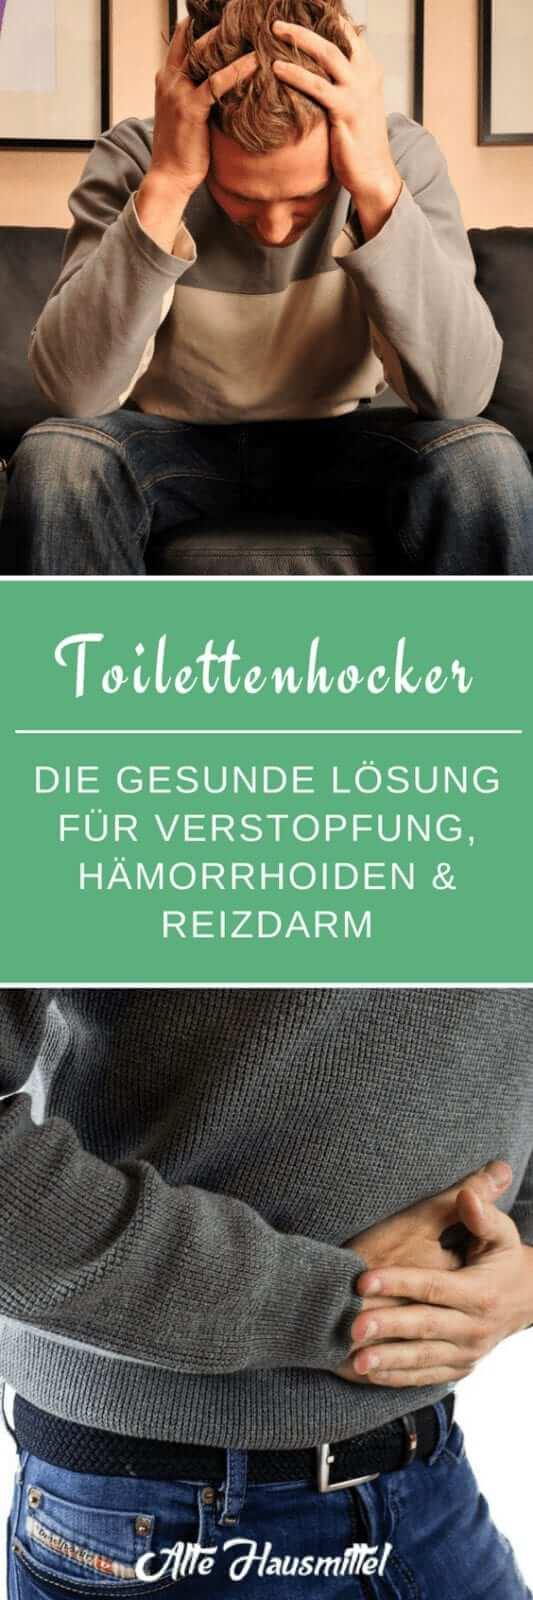 Die besten Toilettenhocker im Test & Vergleich